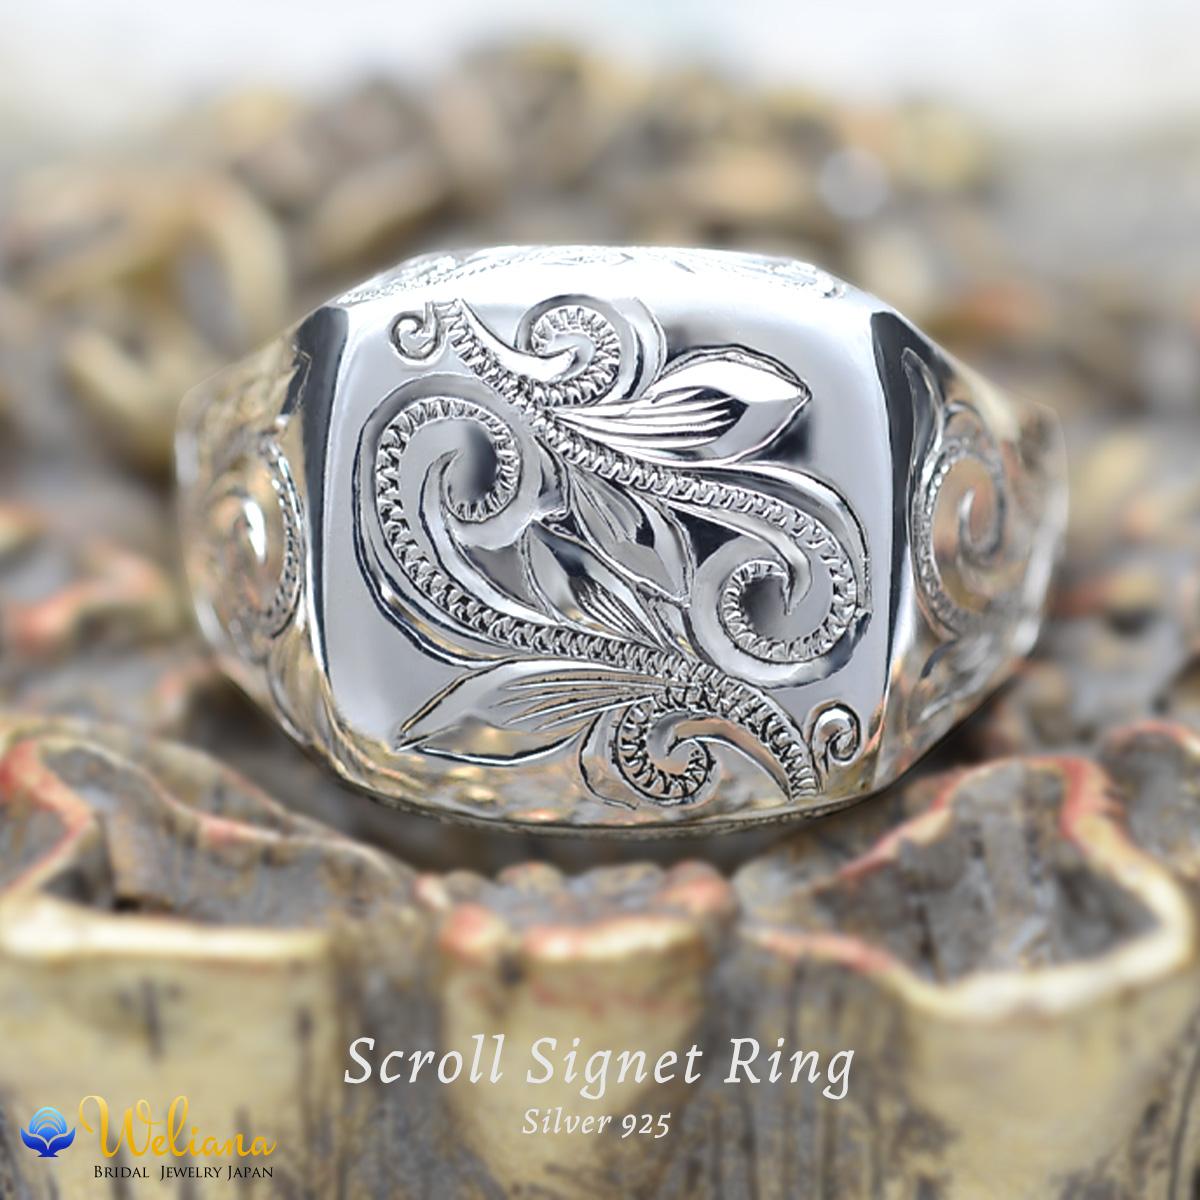 ハワイアンジュエリー シルバー925 SILVER925 silver925 リング 指輪  レディース 女性 メンズ 男性(Weliana) スクロール シグネットリング wri1464